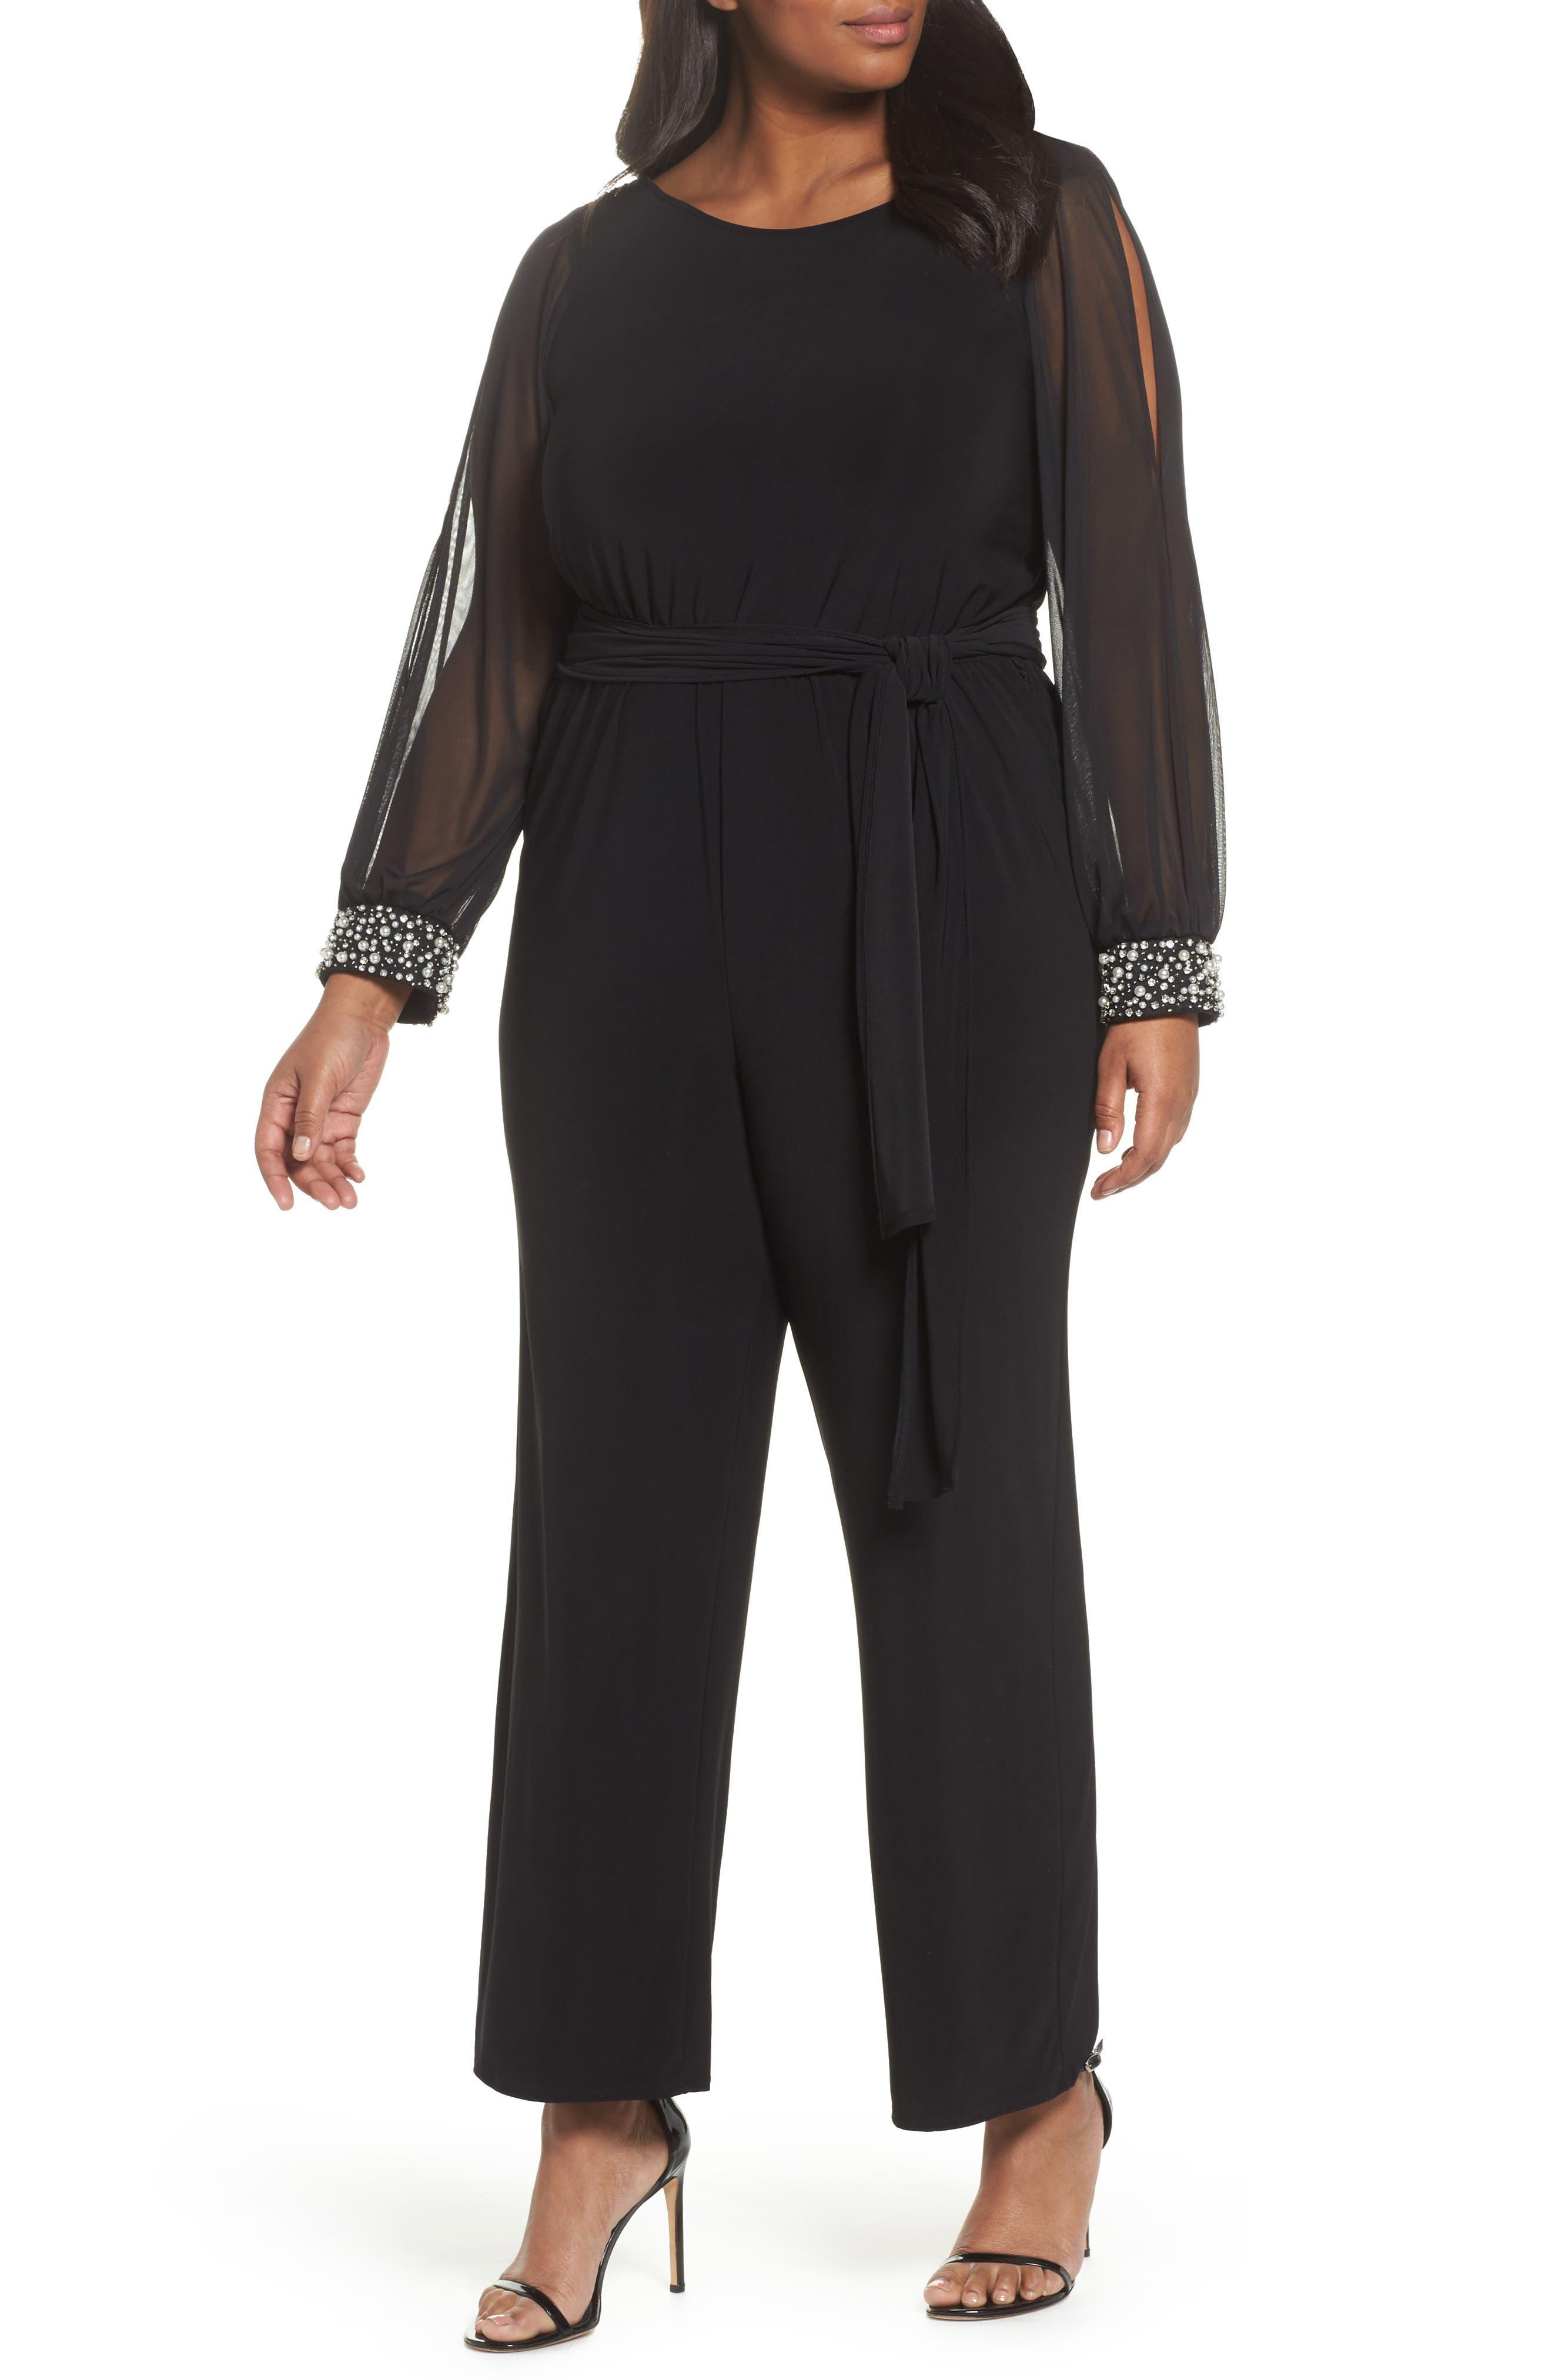 Alternate Image 1 Selected - Marina Embellished Cowl Back Jumpsuit (Plus Size)